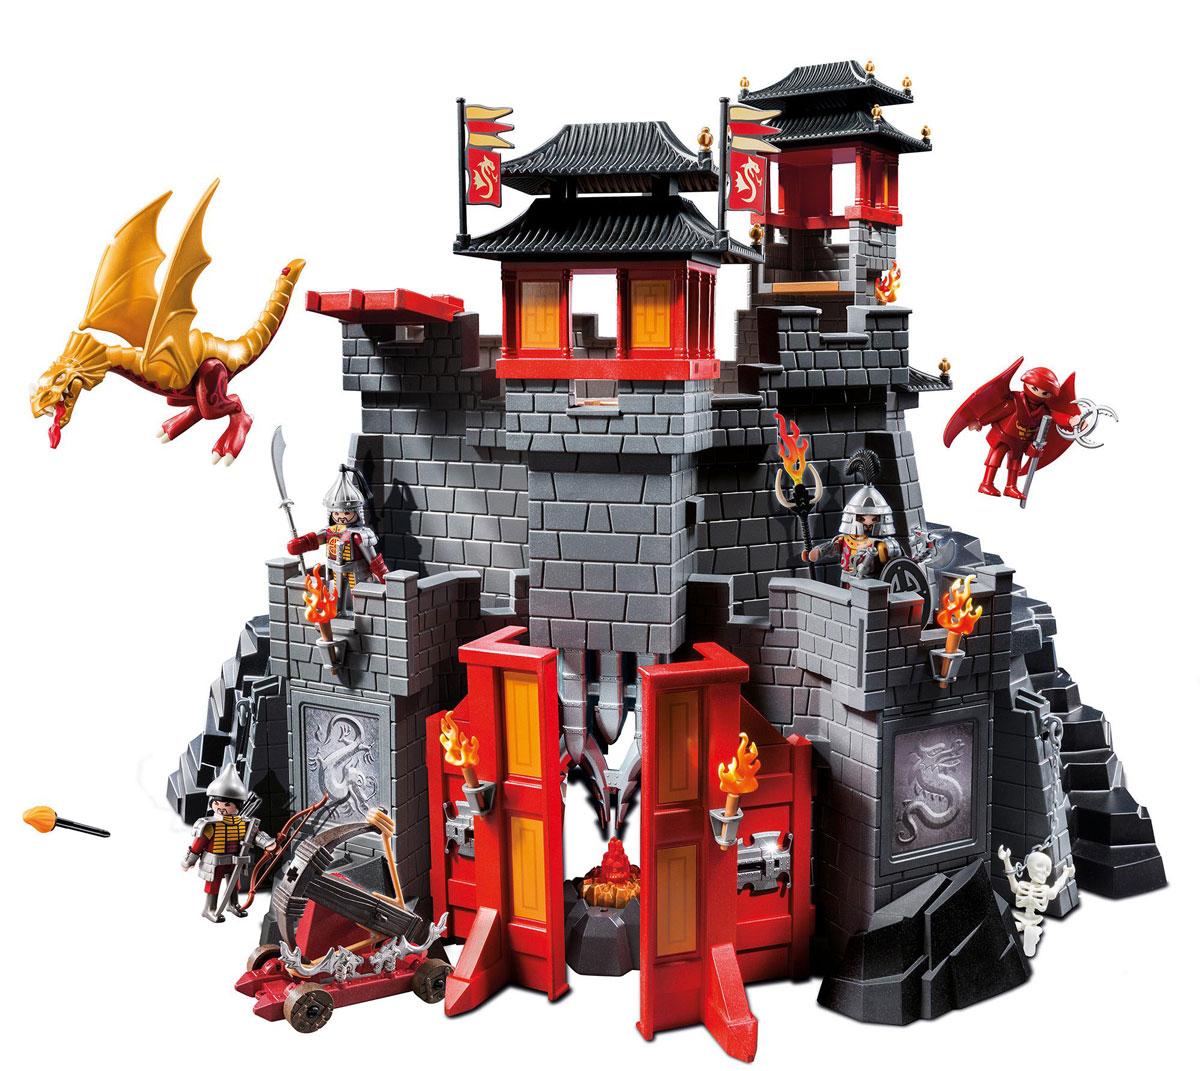 Playmobil Игровой набор Восточный замок с золотым Драконом5479pmИгровой набор Playmobil Восточный замок с золотым Драконом понравится вашему малышу и позволит ему окунуться в удивительный мир приключений. В комплект входят: 3 фигурки воинов, фигурка летающего воина, фигурка скелета, фигурка дракона, замок, а также множество разнообразных аксессуаров и элементов декора, которые сделают игру еще интереснее. Элементы набора выполнены из прочного пластика ярких цветов. Руки и головы фигурок подвижны, а благодаря специальной форме ручек, они могут держать различные небольшие предметы, входящие в набор. Замок оснащен хитроумными ловушками, но функциональная катапульта со снарядами поможет воинам проникнуть внутрь и завладеть сокровищами. Ворота дворца открываются. Кристалл в куче сокровищ оснащен светодиодом и ярко светится, стоит только нажать кнопку. Игры с таким набором позволят ребенку весело провести время, а также помогут развить мелкую моторику пальчиков, внимательность и воображение. Порадуйте своего малыша такой чудесной...